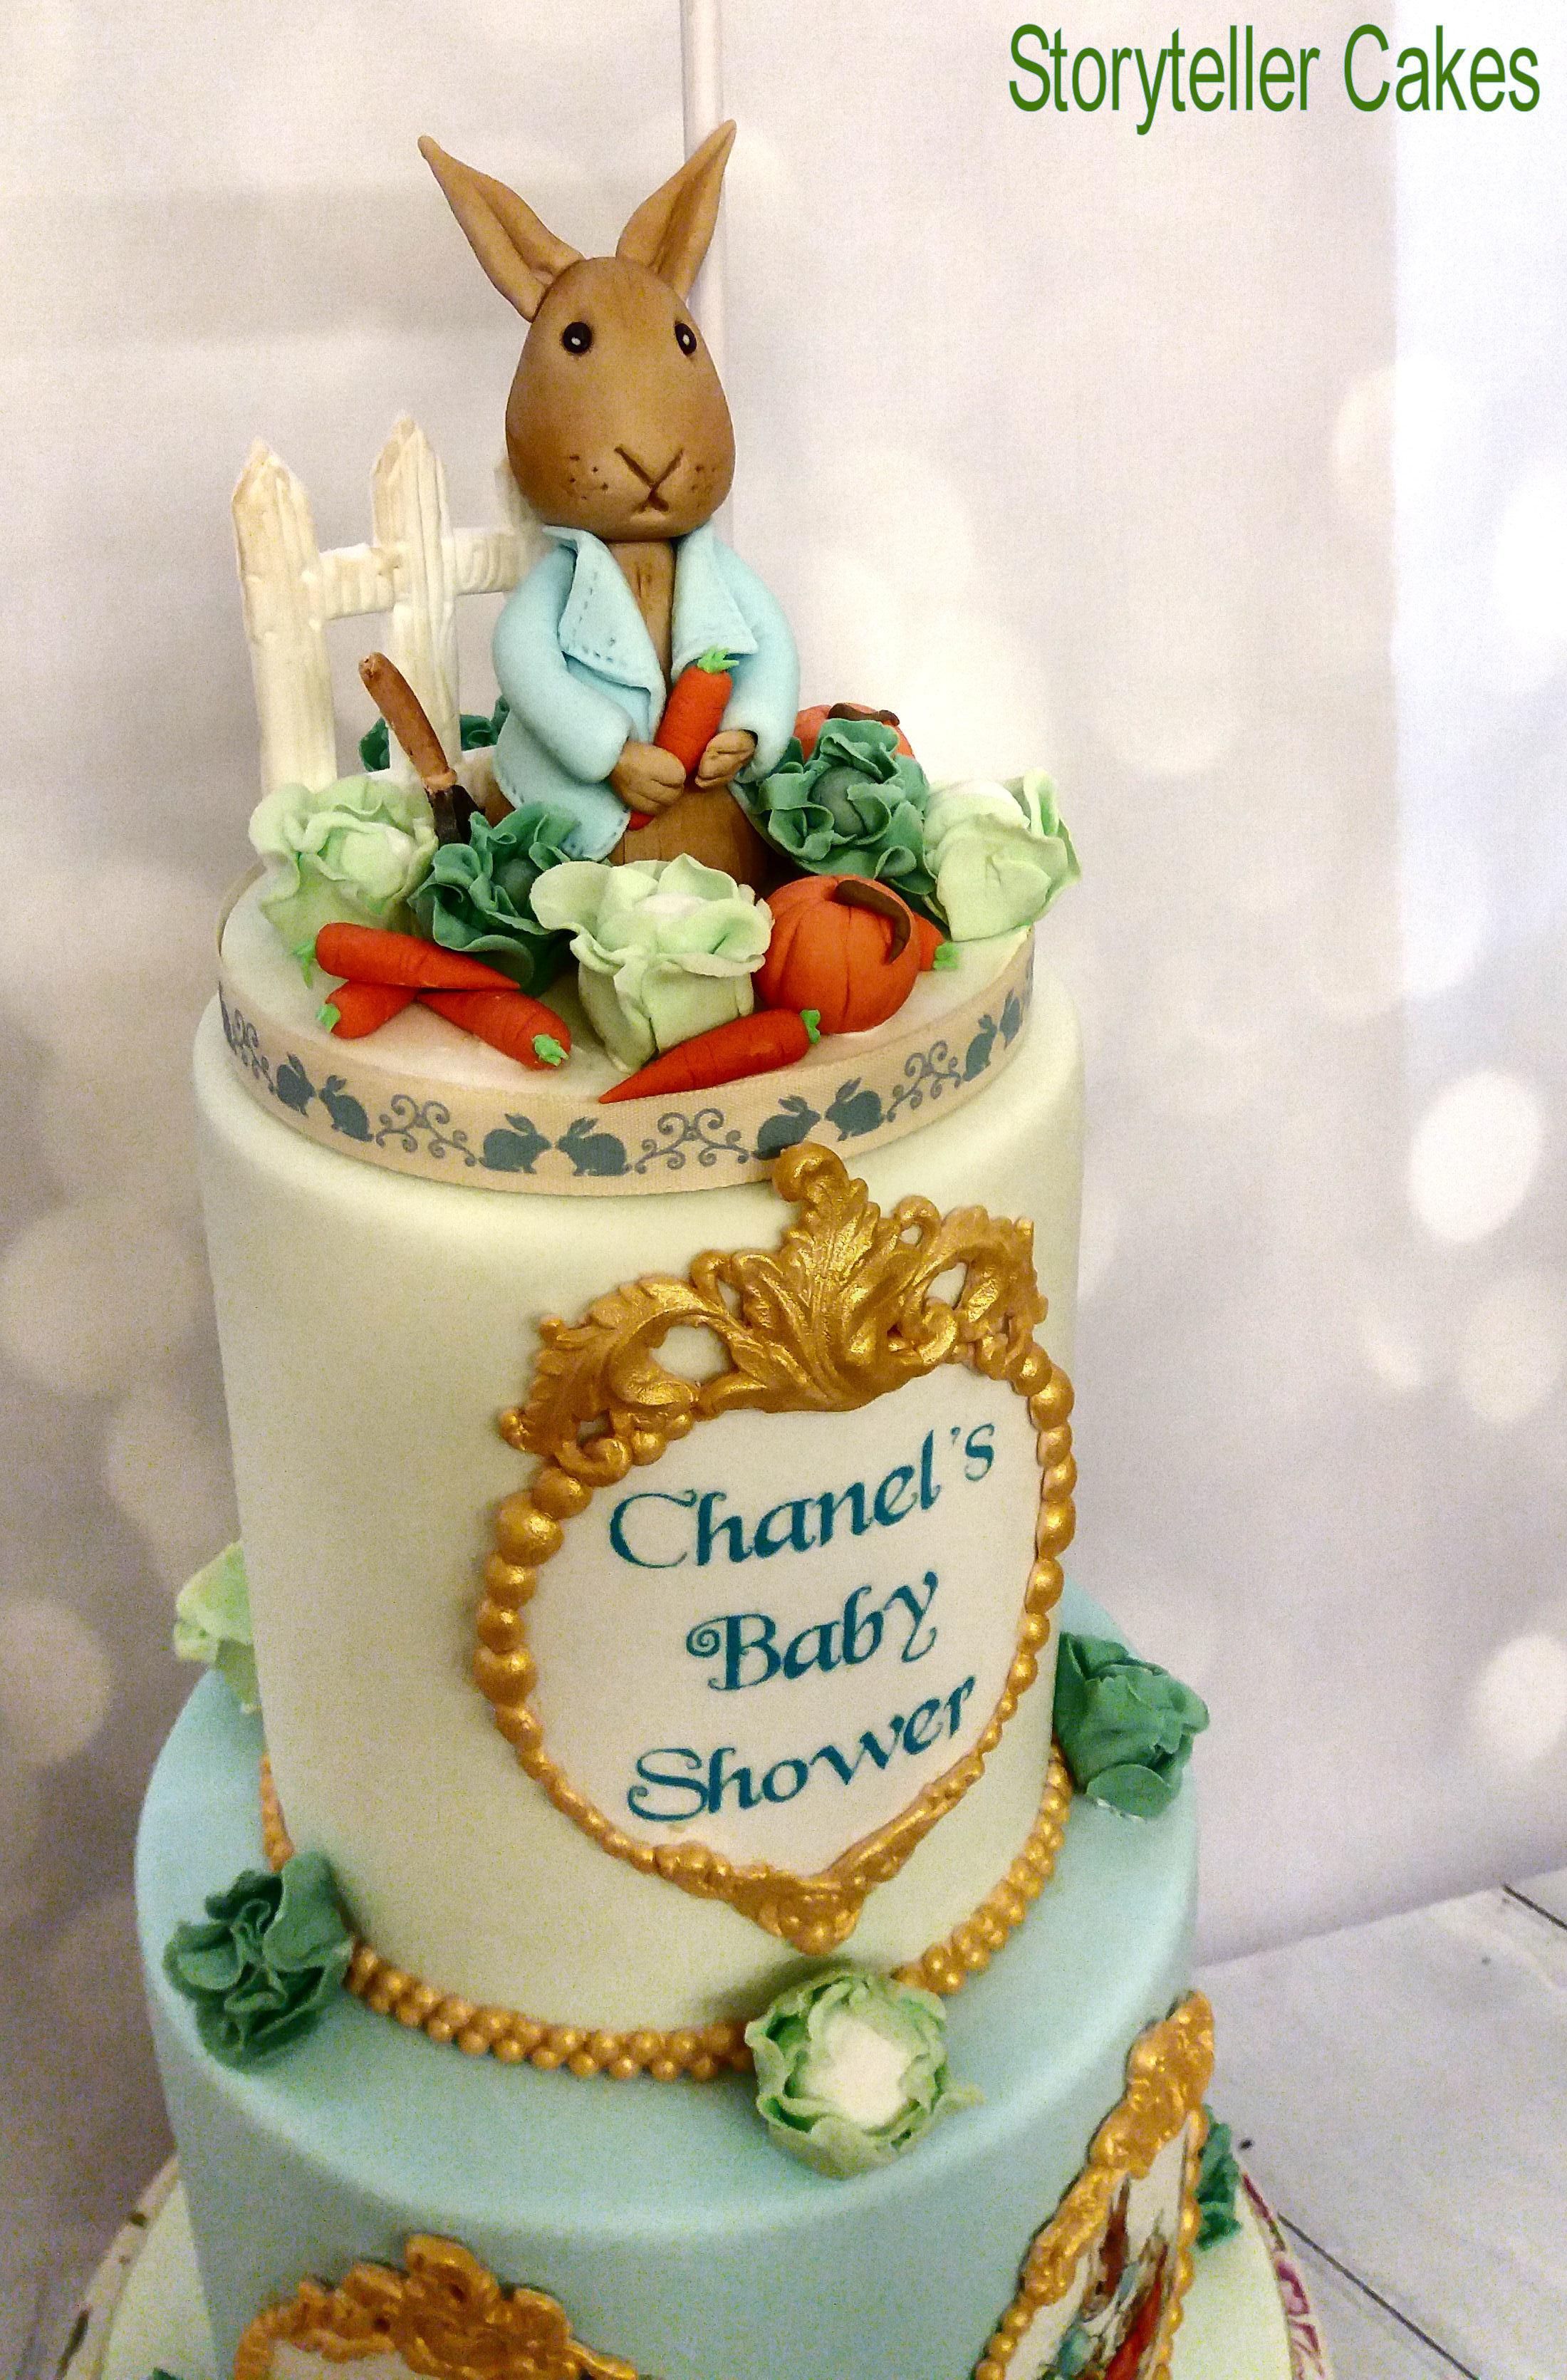 peter rabbit baby shower cake 2.jpg